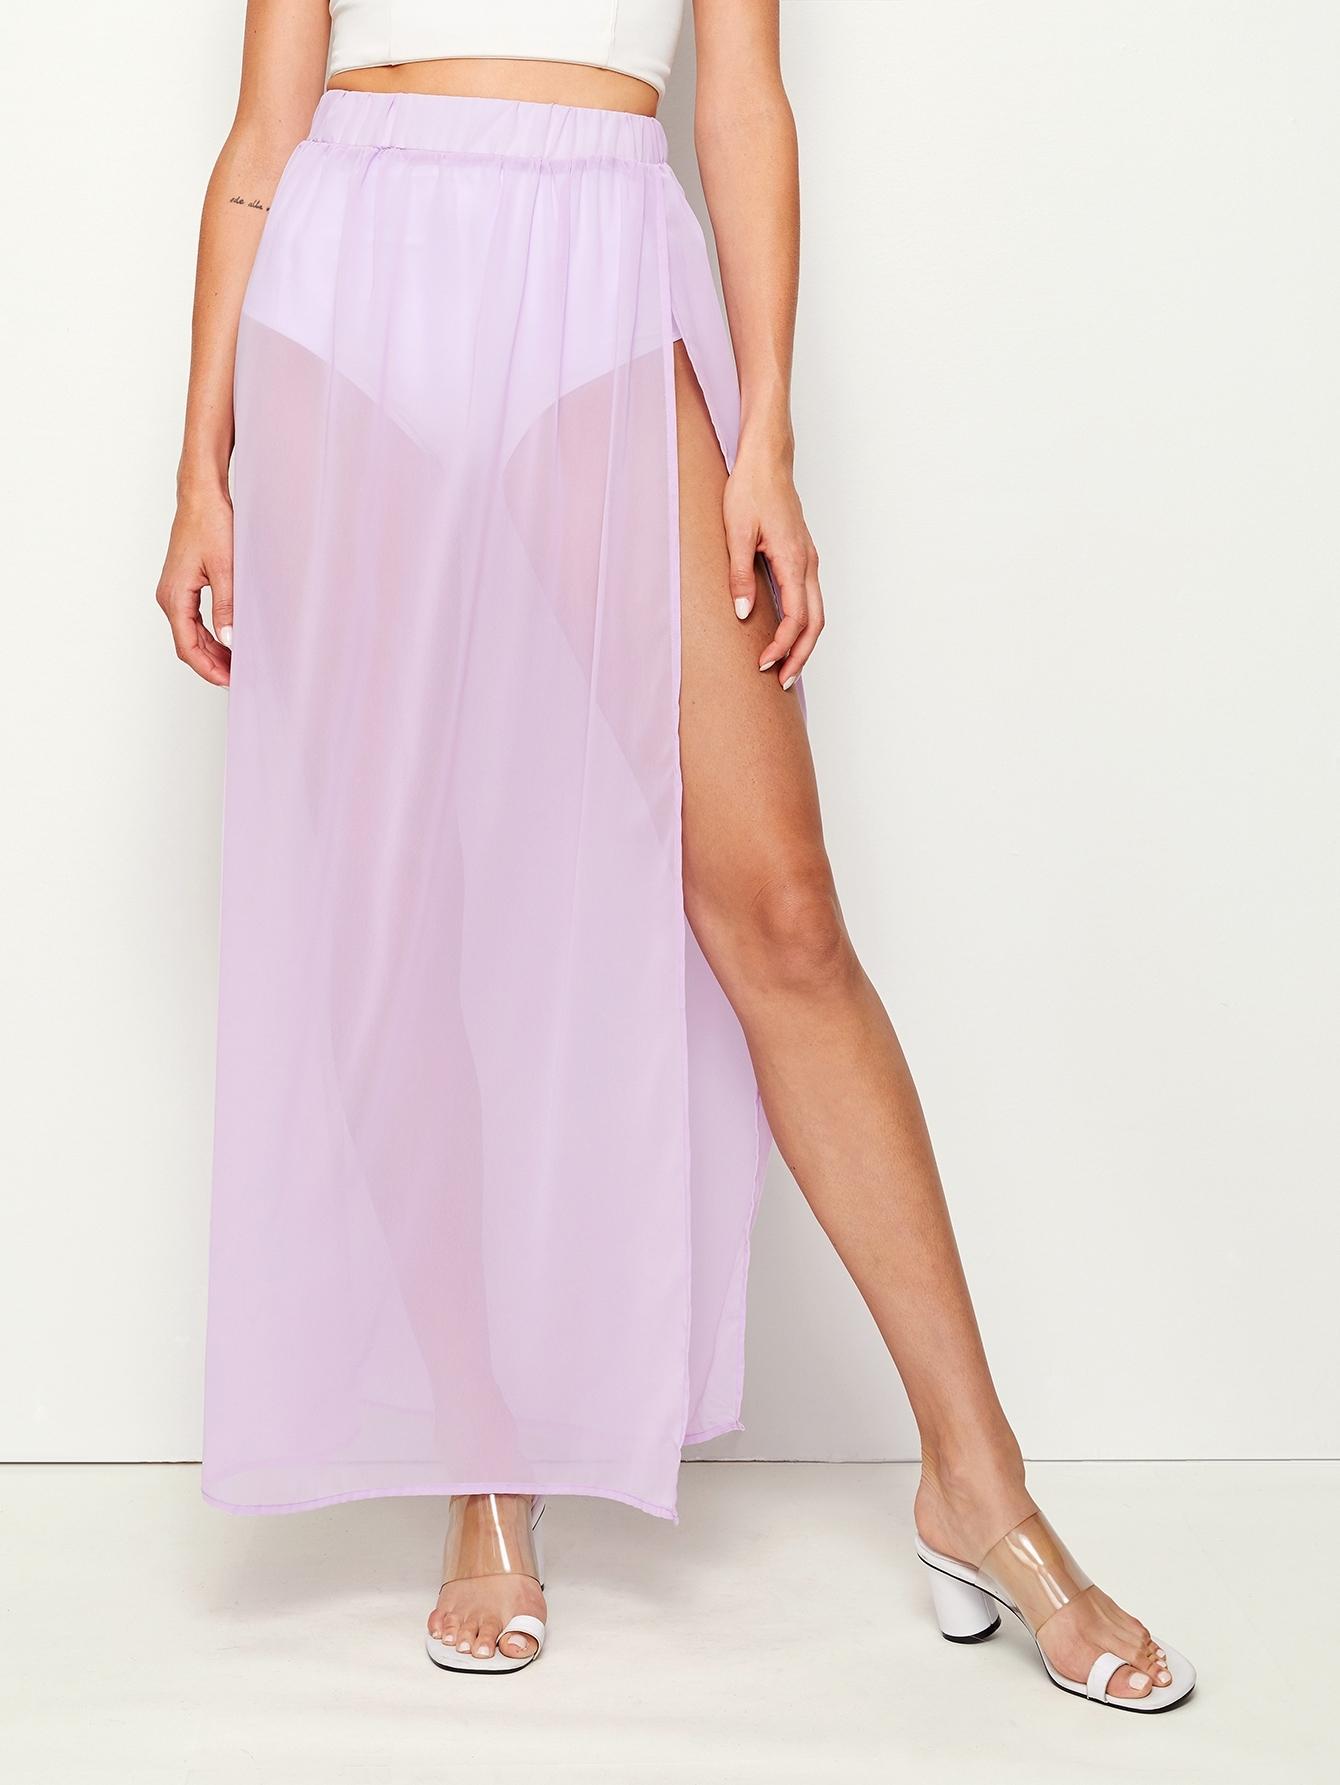 Фото - Прозрачная сетчатая юбка с эластичной талией от SheIn фиолетового цвета